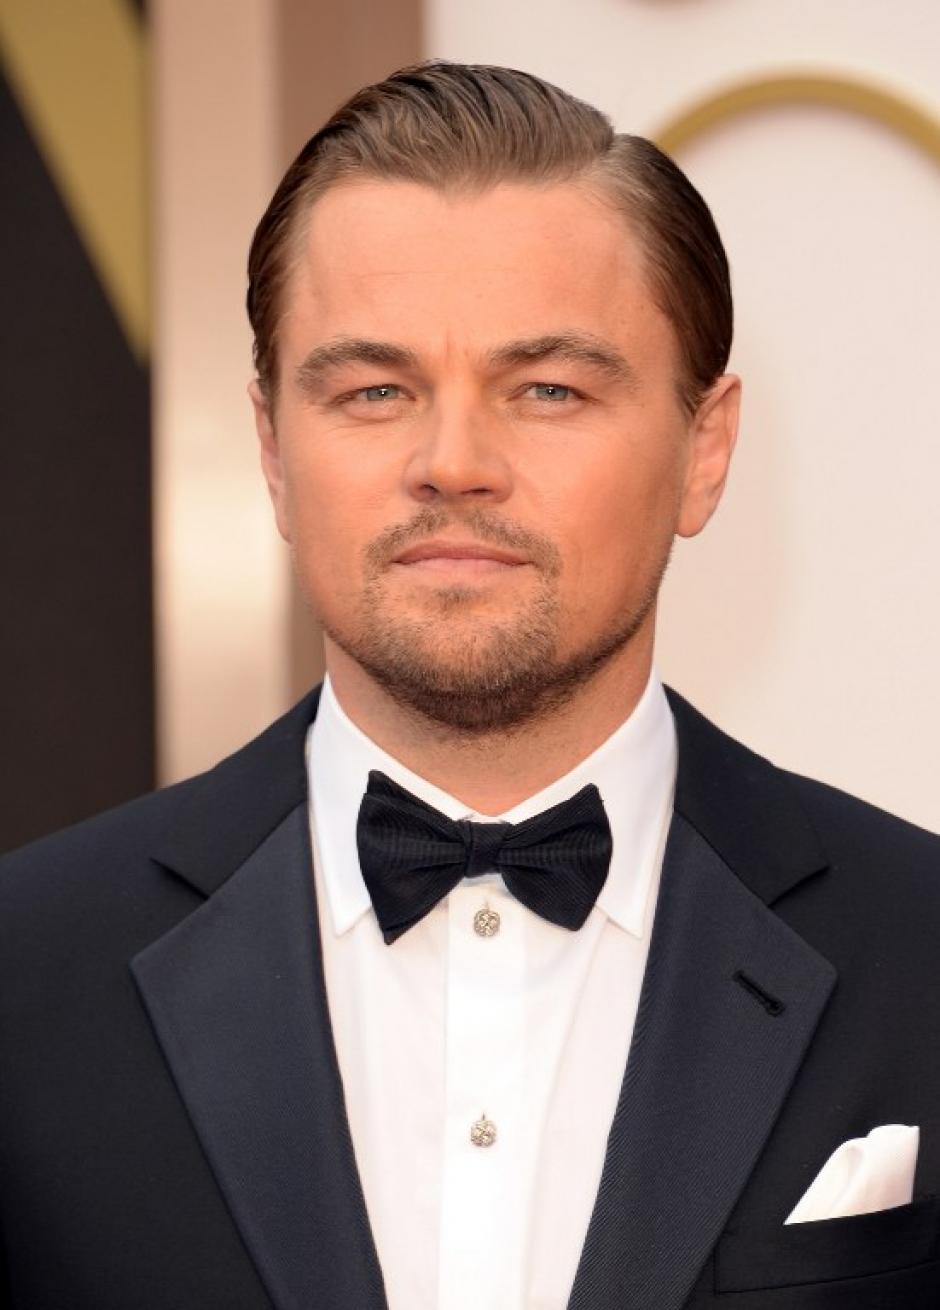 """Leonardo Di Caprio está nominado al premio de mejor actor por la película """"The Wolf of Wallstreet"""". (Foto: AFP)"""